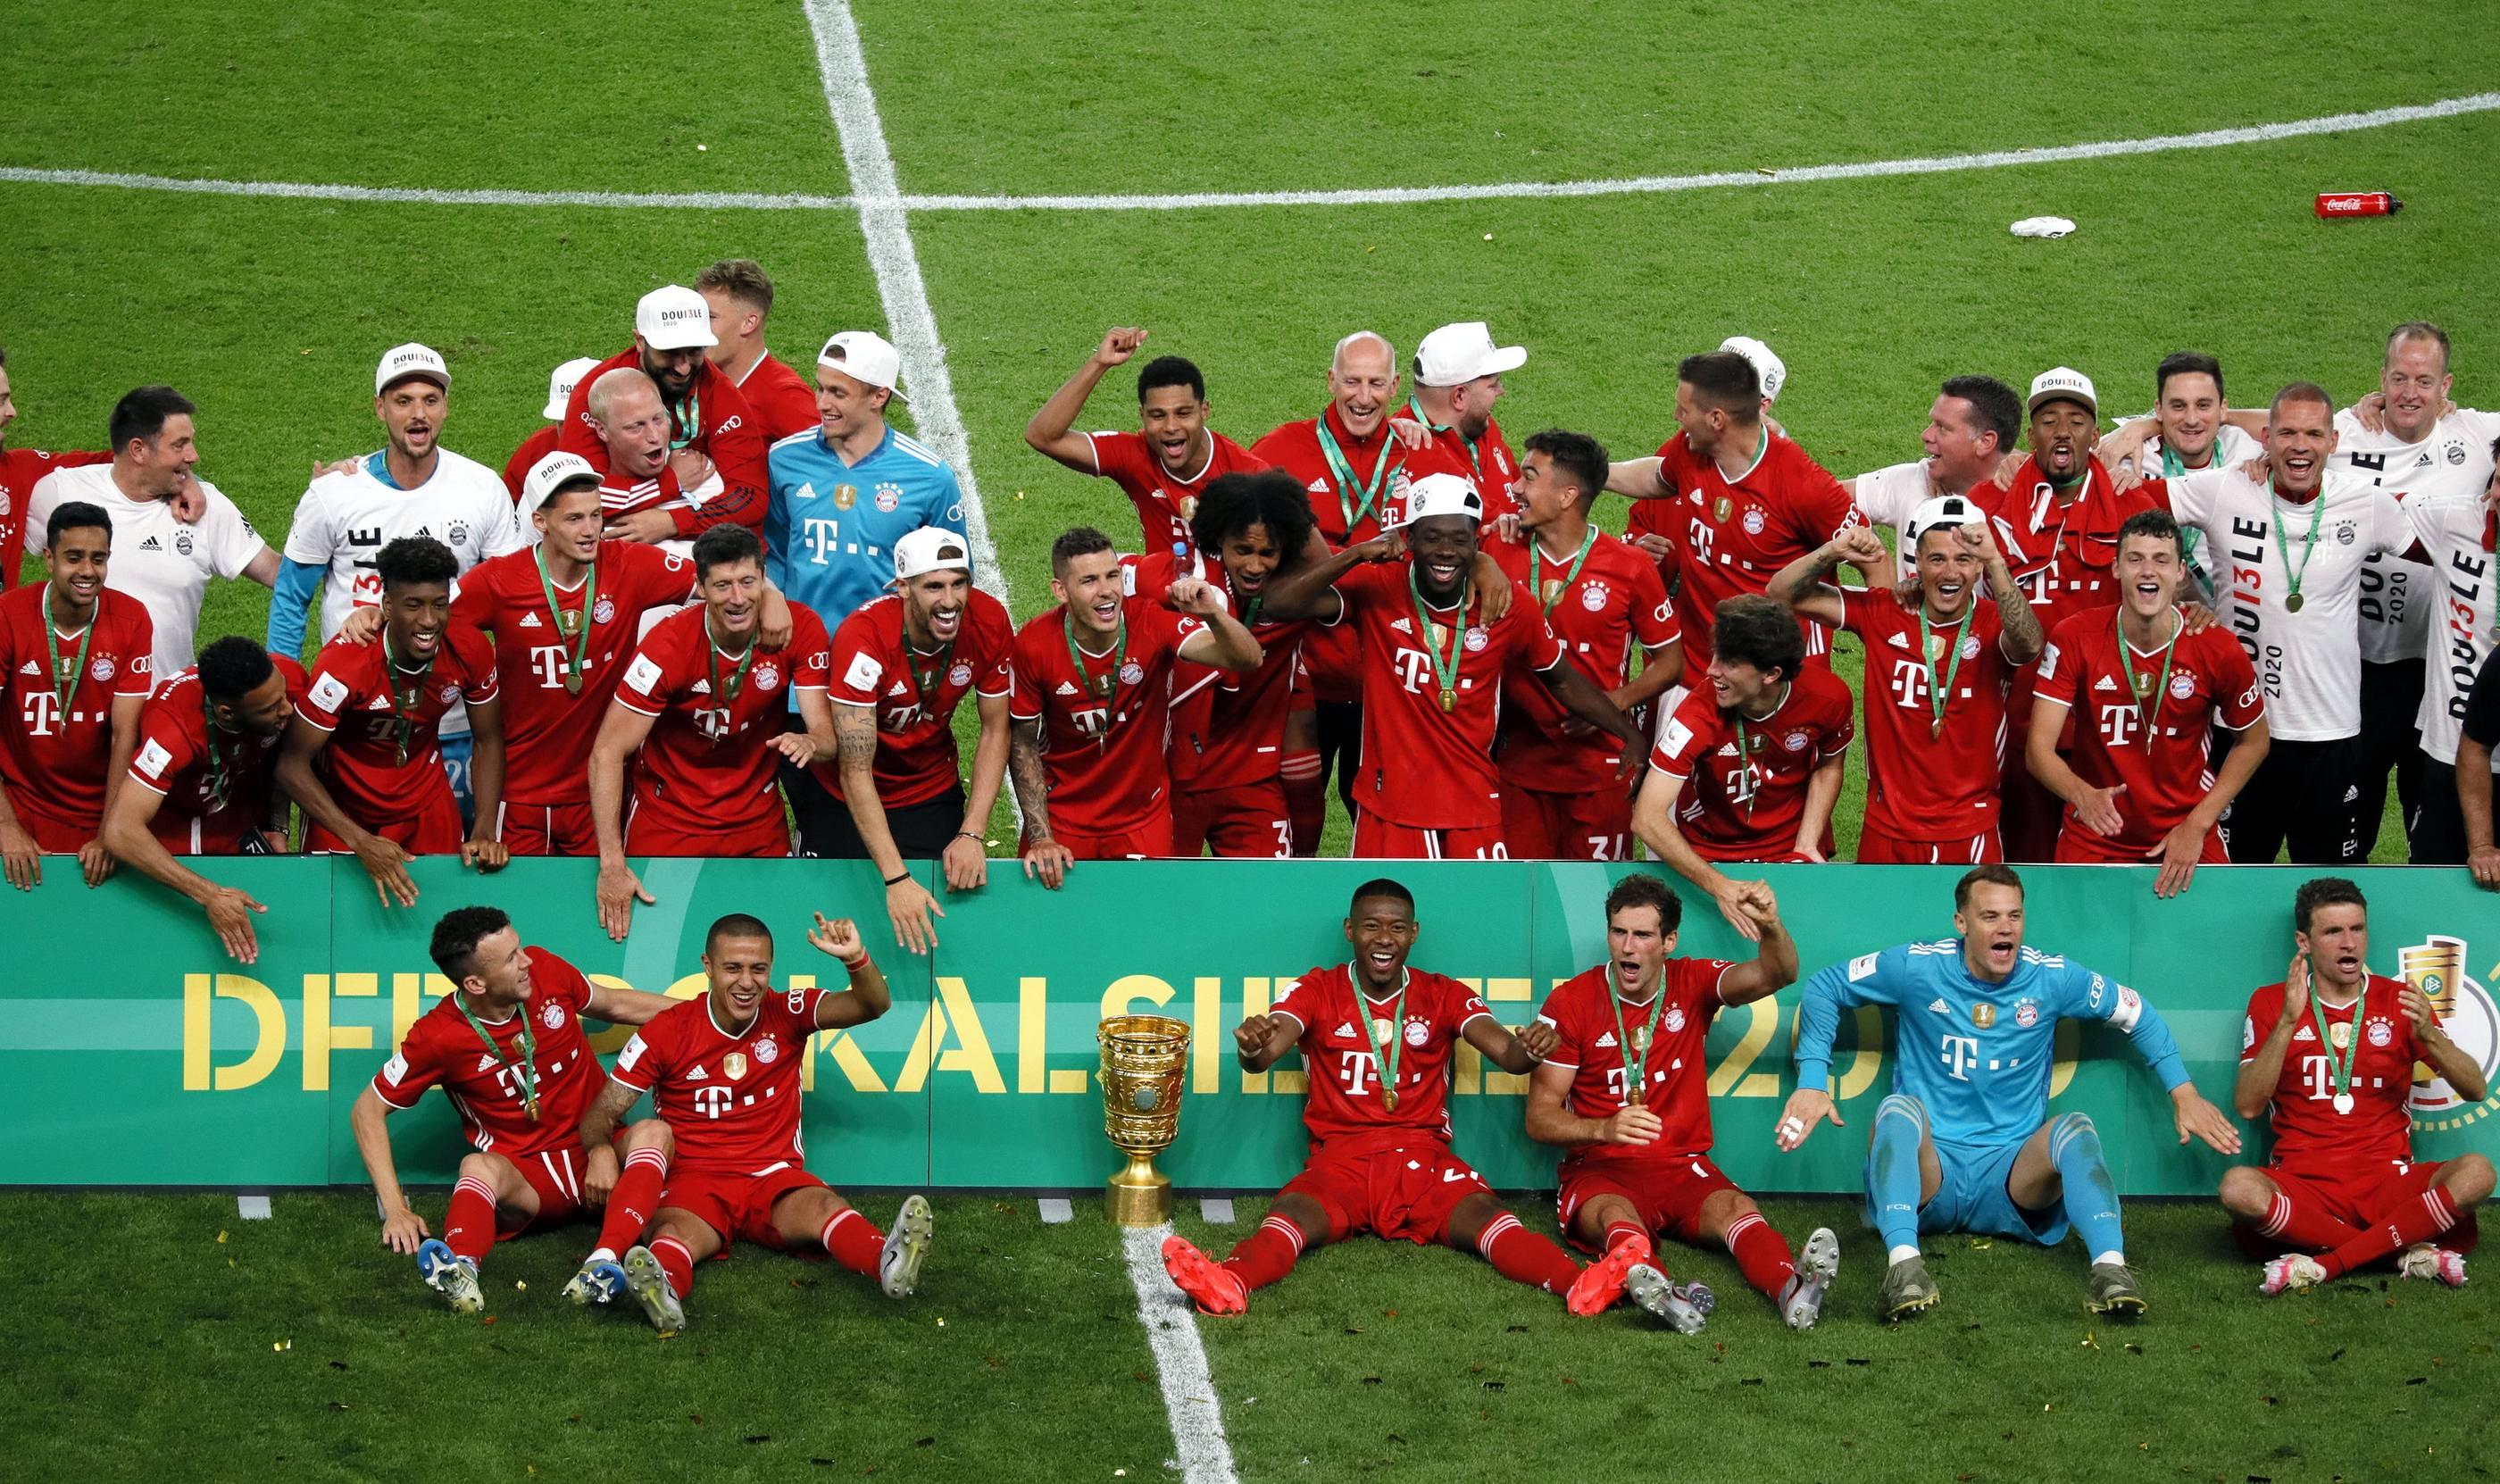 Bayern München Mannschaftskarte DFB Pokalsieger 2020